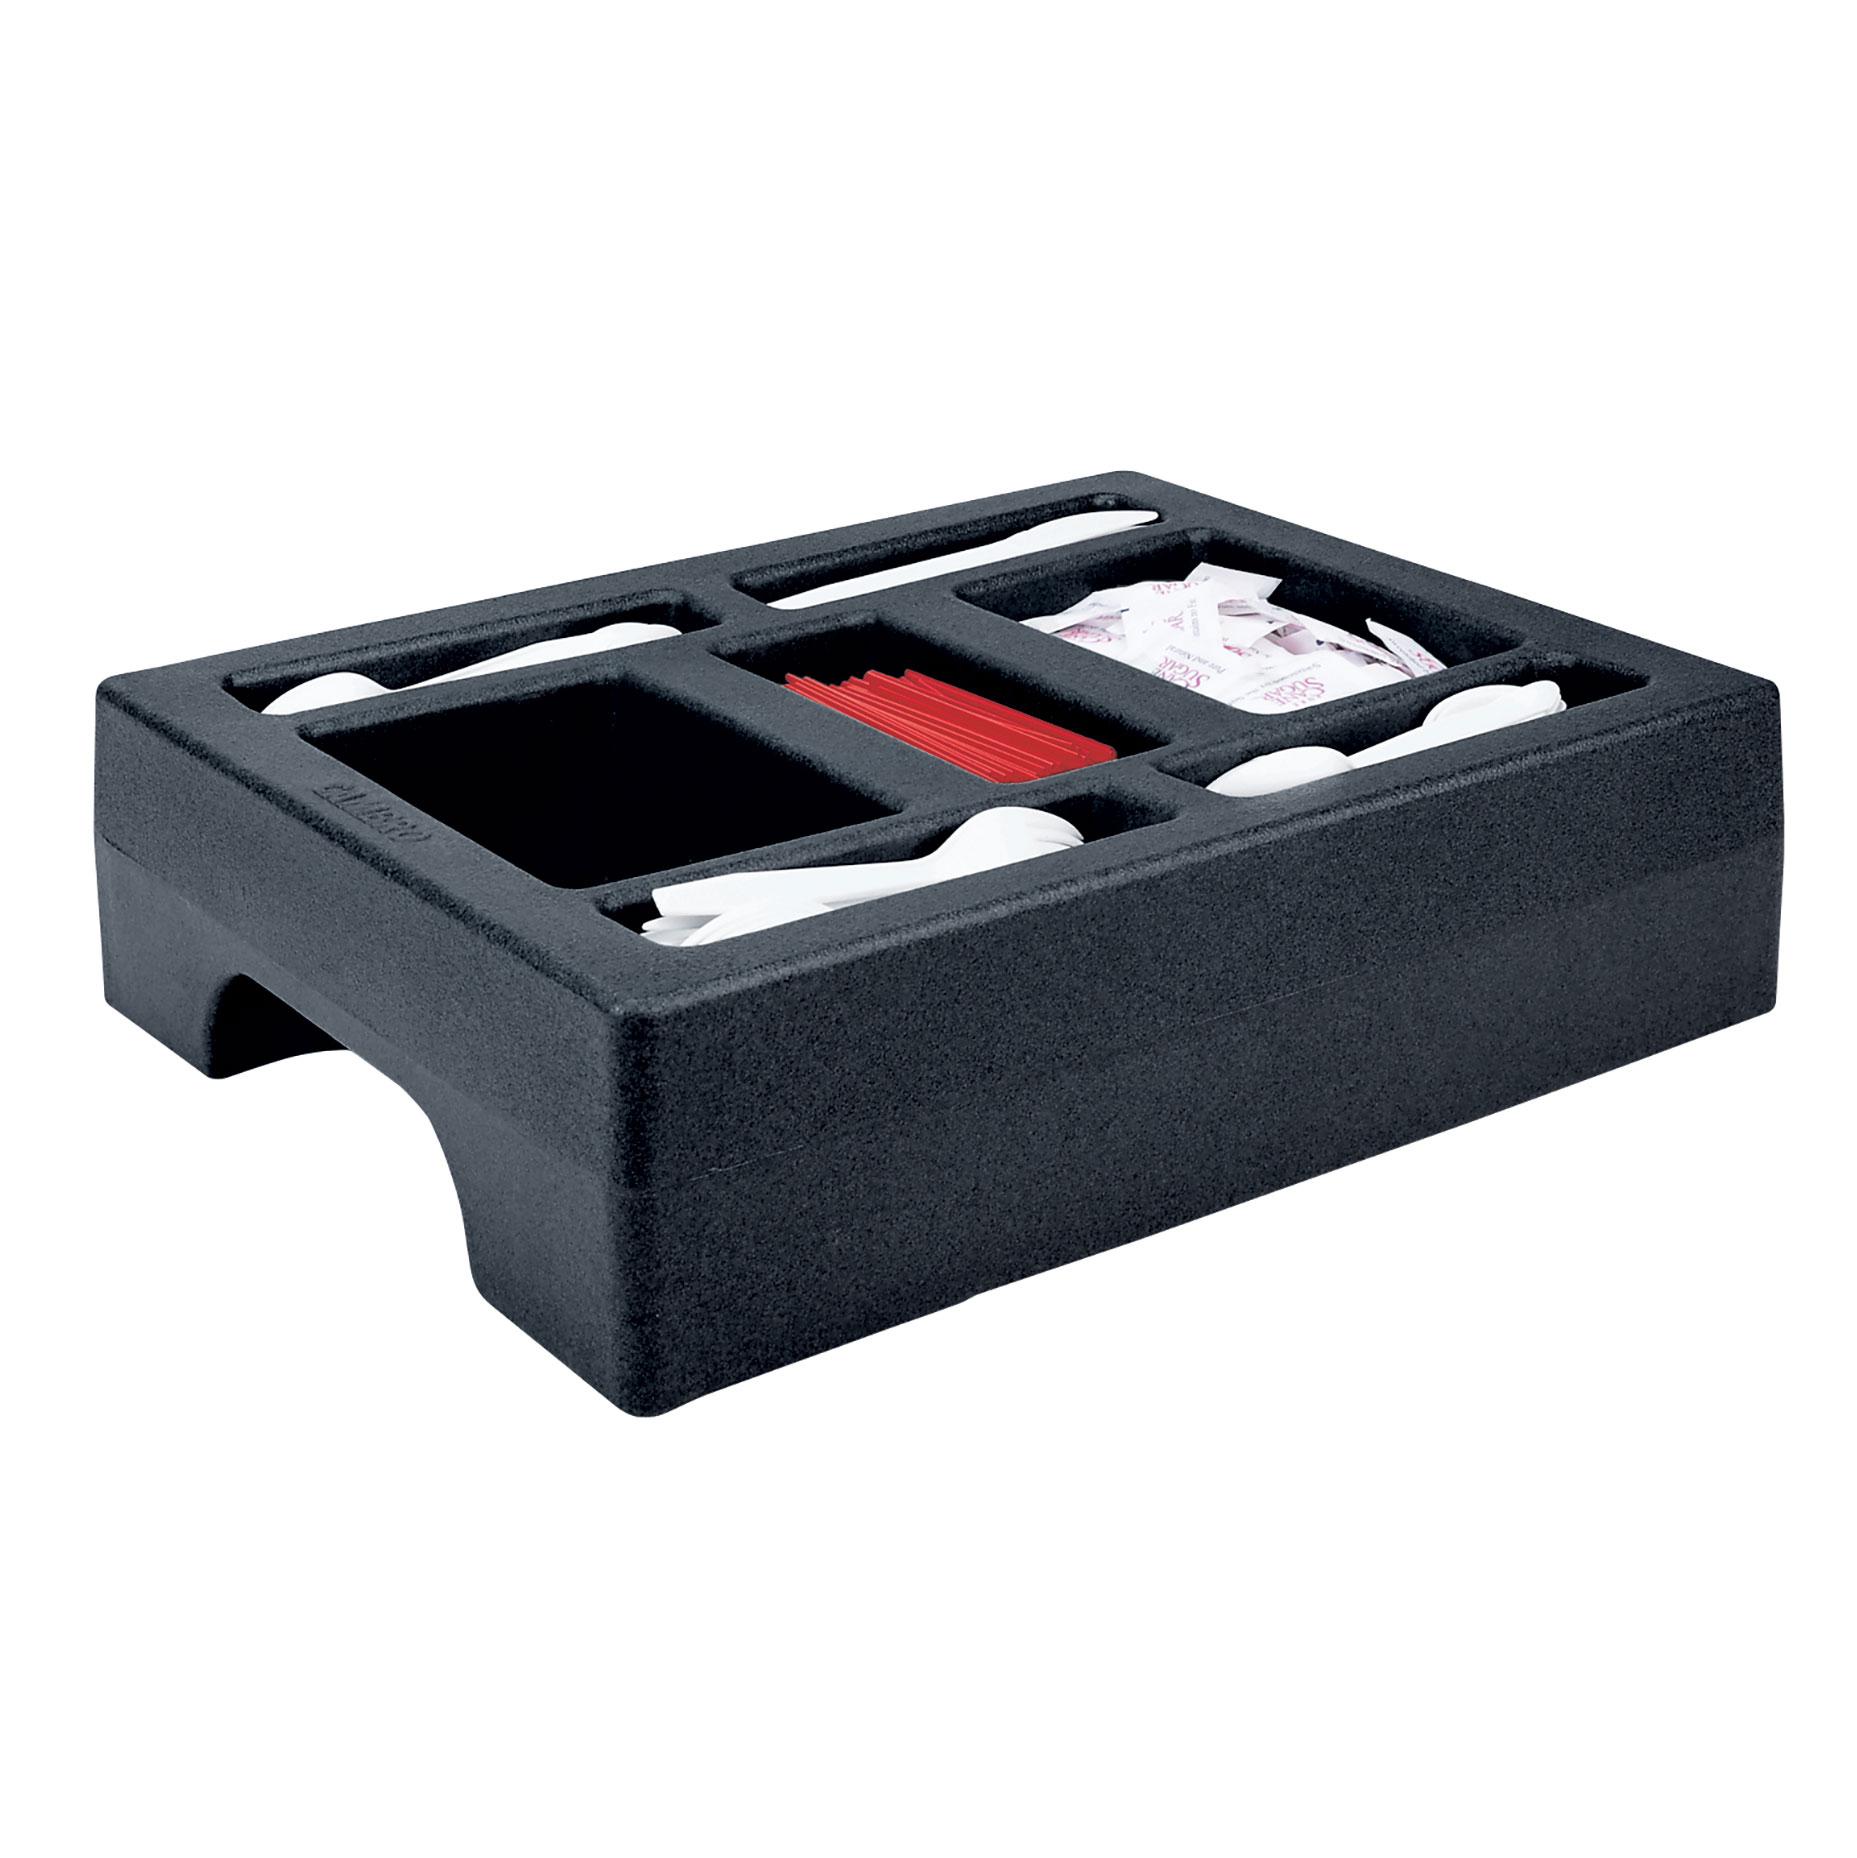 Cambro LCDCH10110 countertop organizers